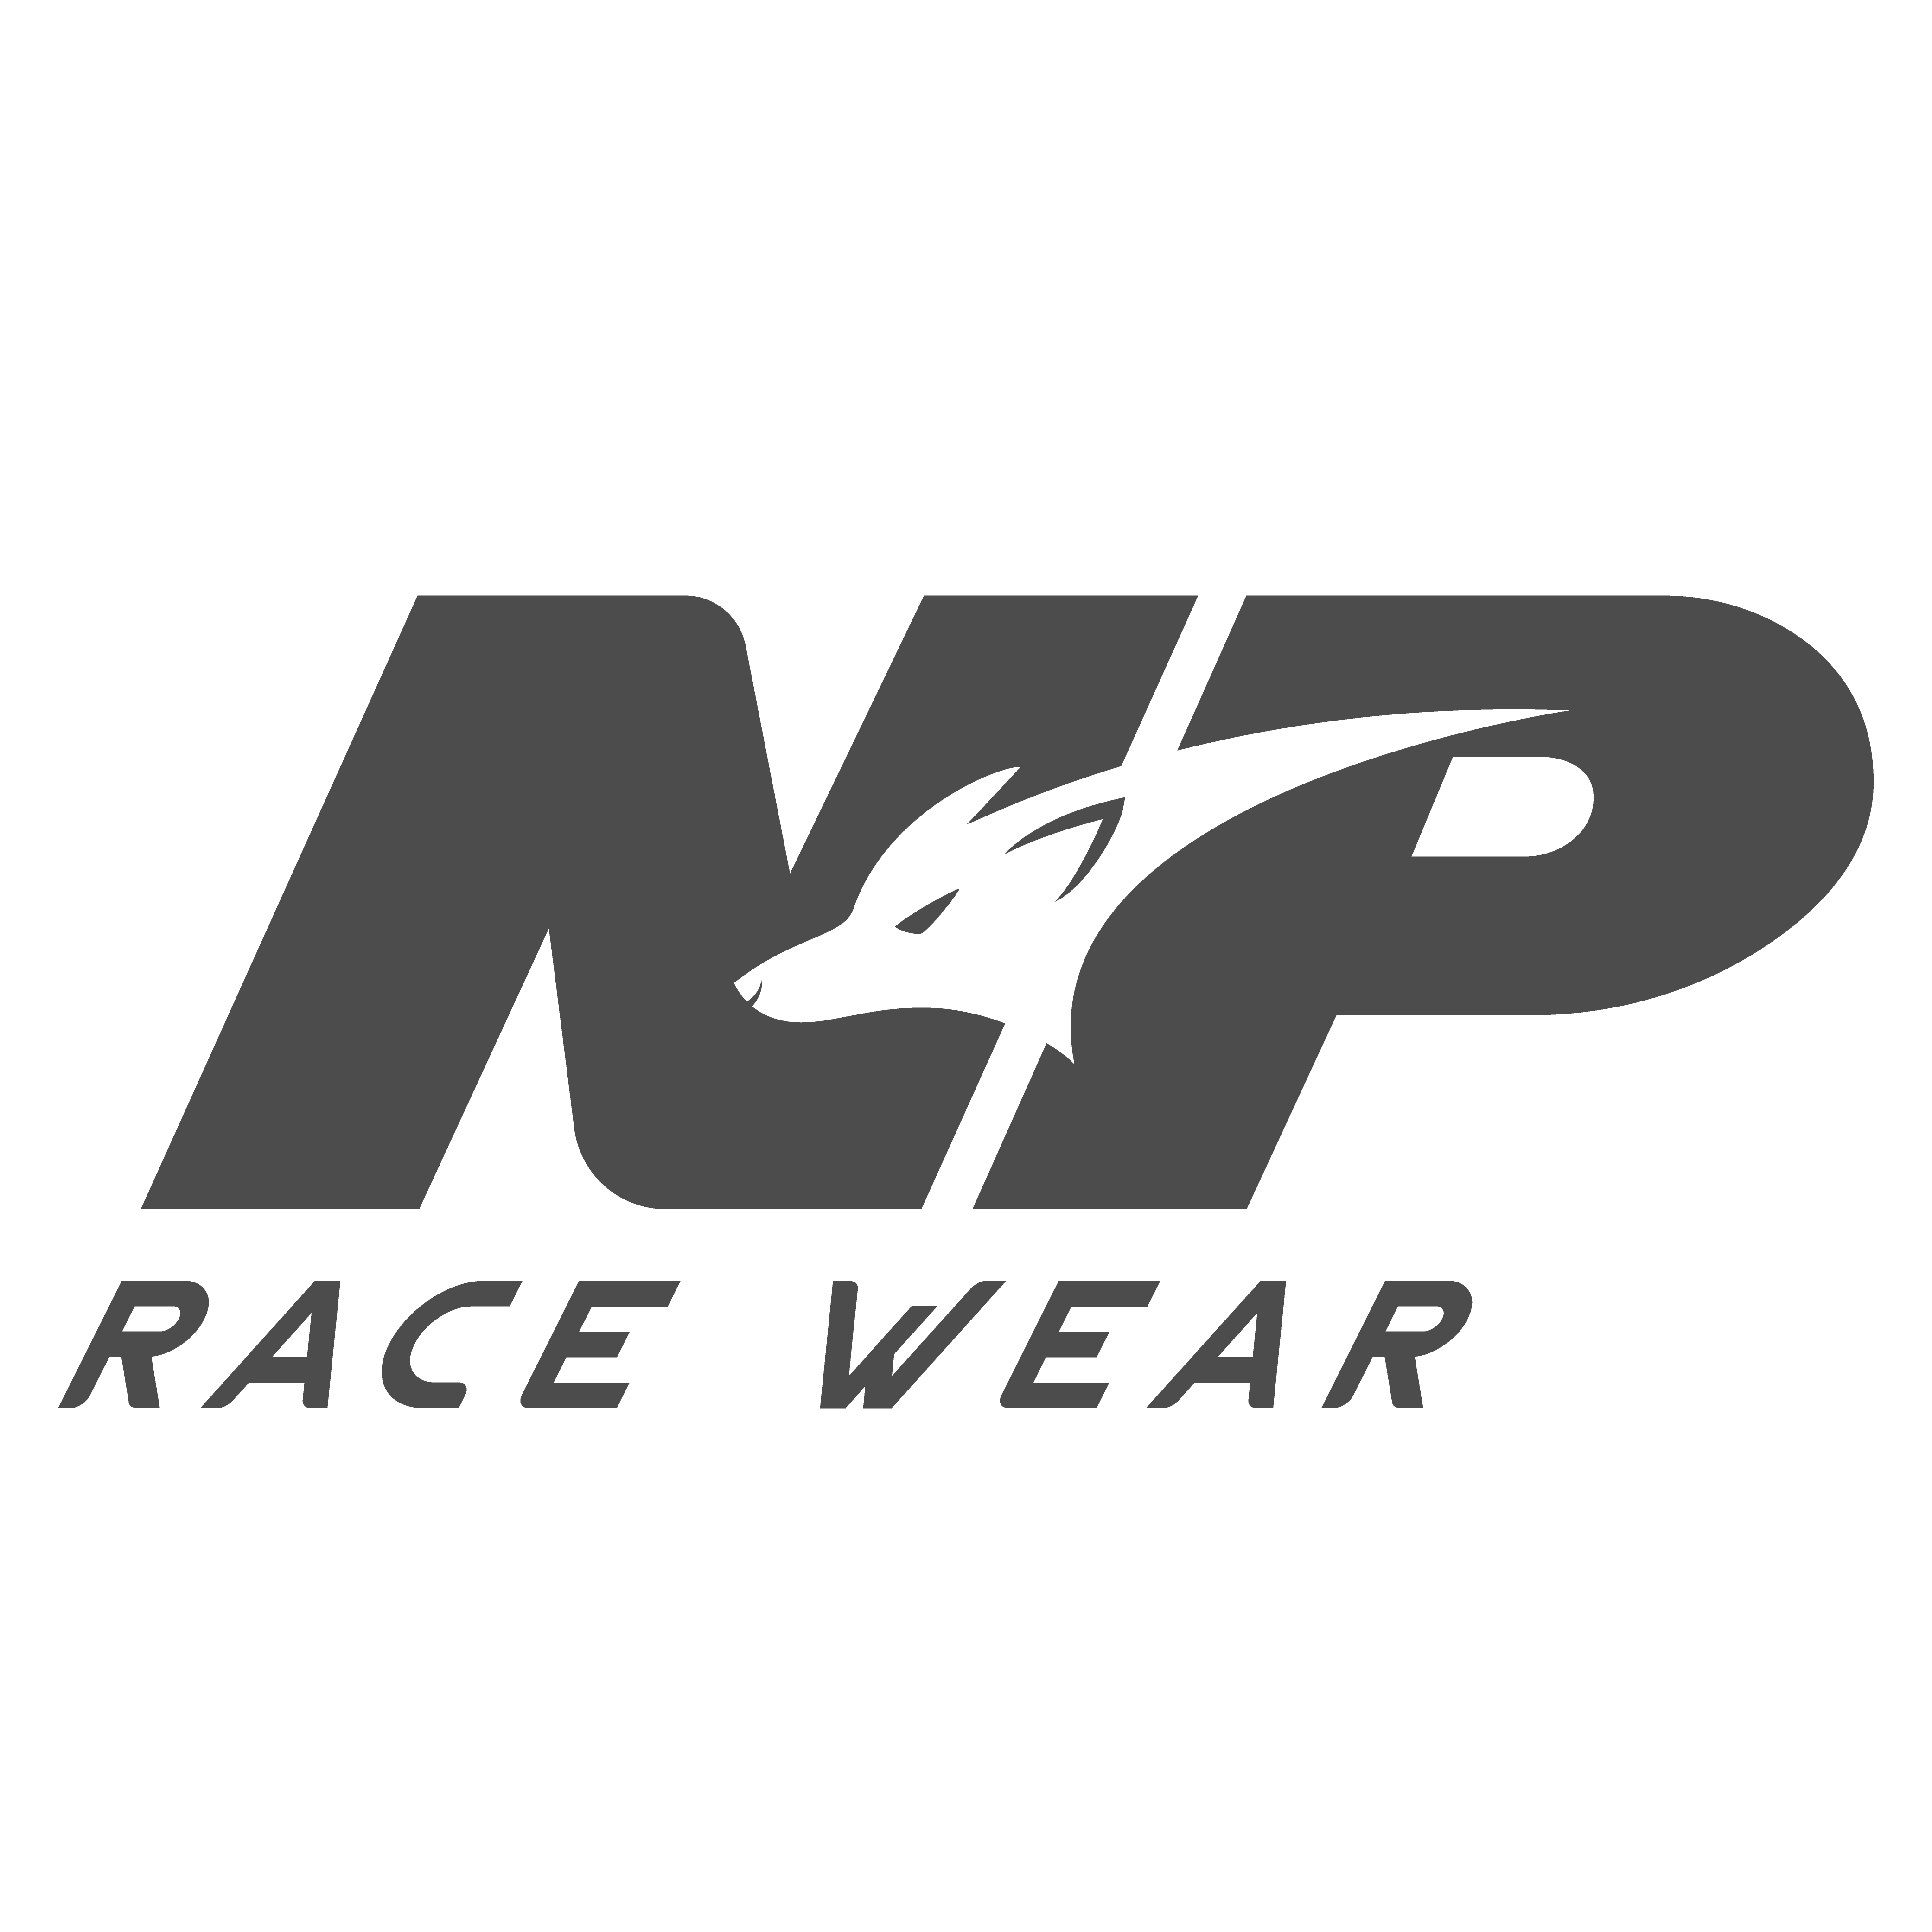 NP Race Wear